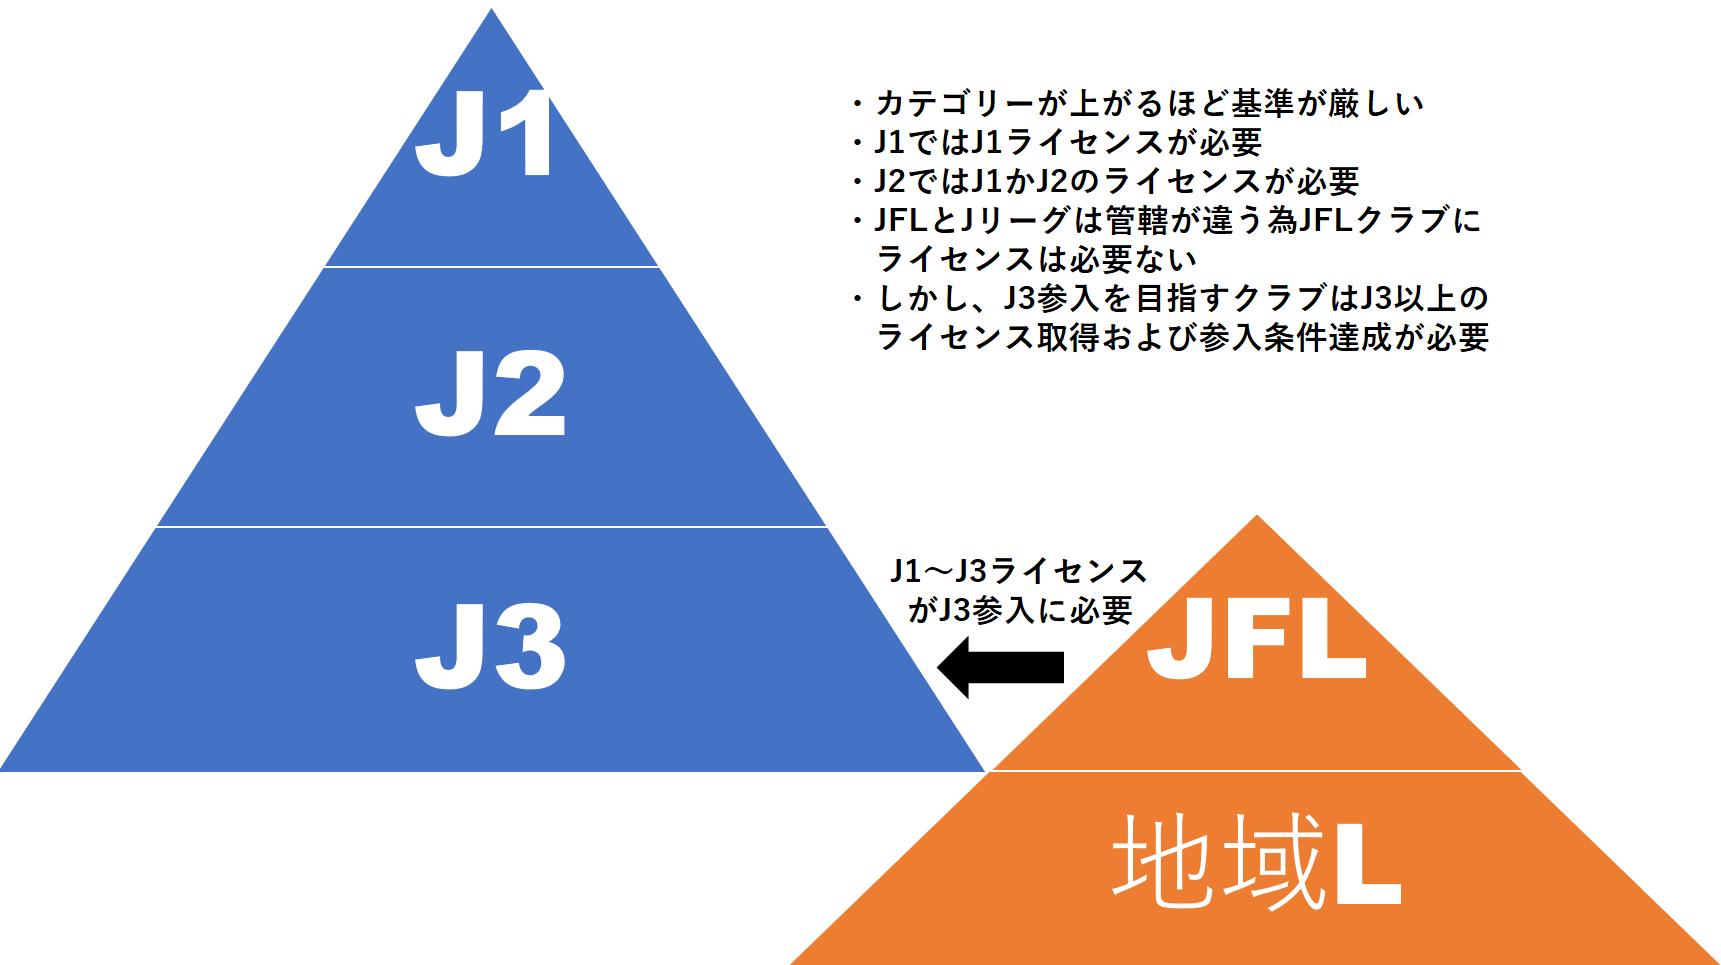 昇格 条件 j3